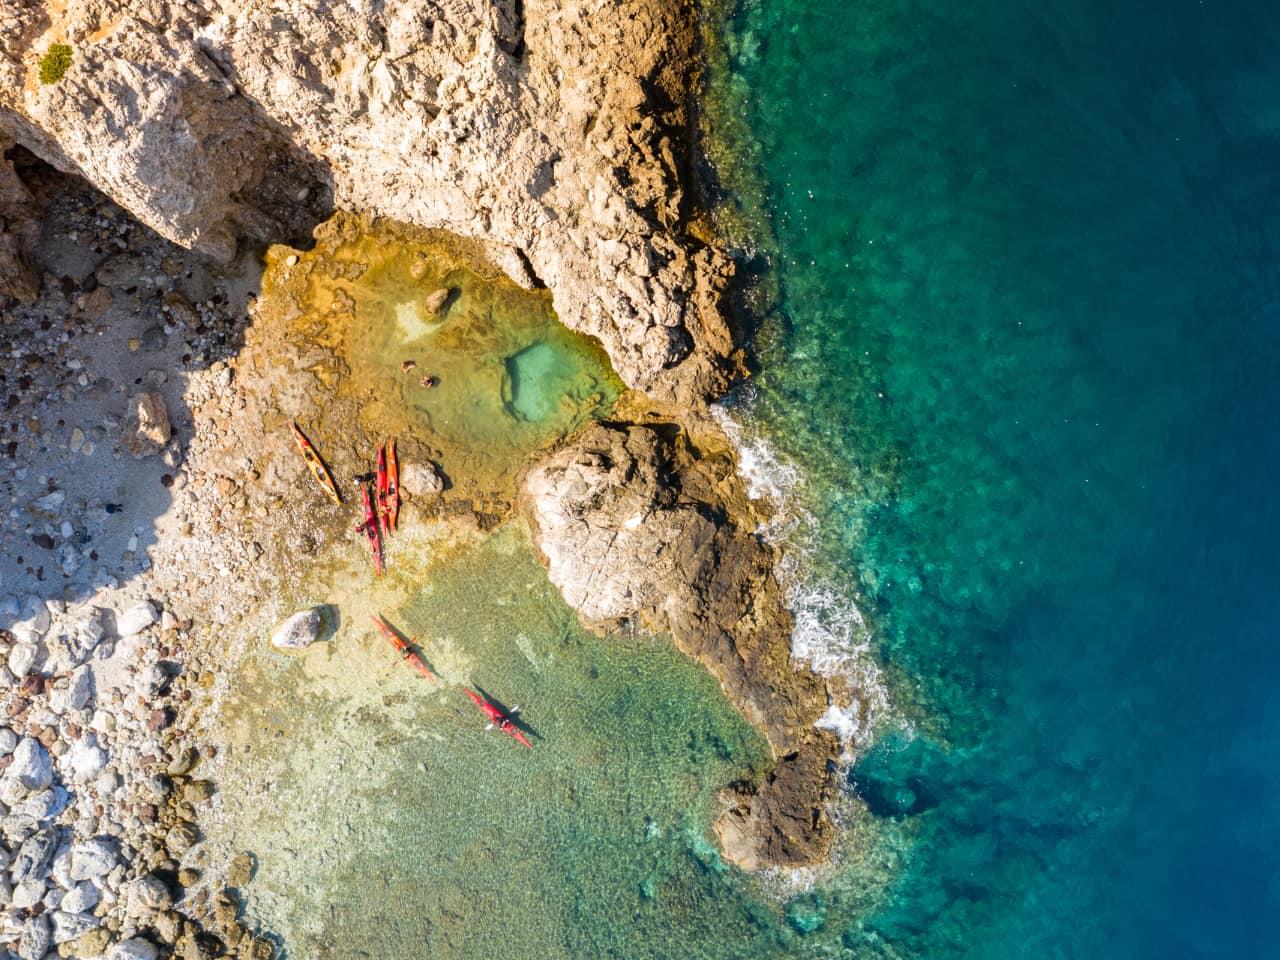 Sea Kayak Bali - Rethimno day trip, sea kayak bali rethymno crete, sea kayak bali crete, best sea kayak trips rethimno crete, best sea kayak trip, sea kayaking day trip crete